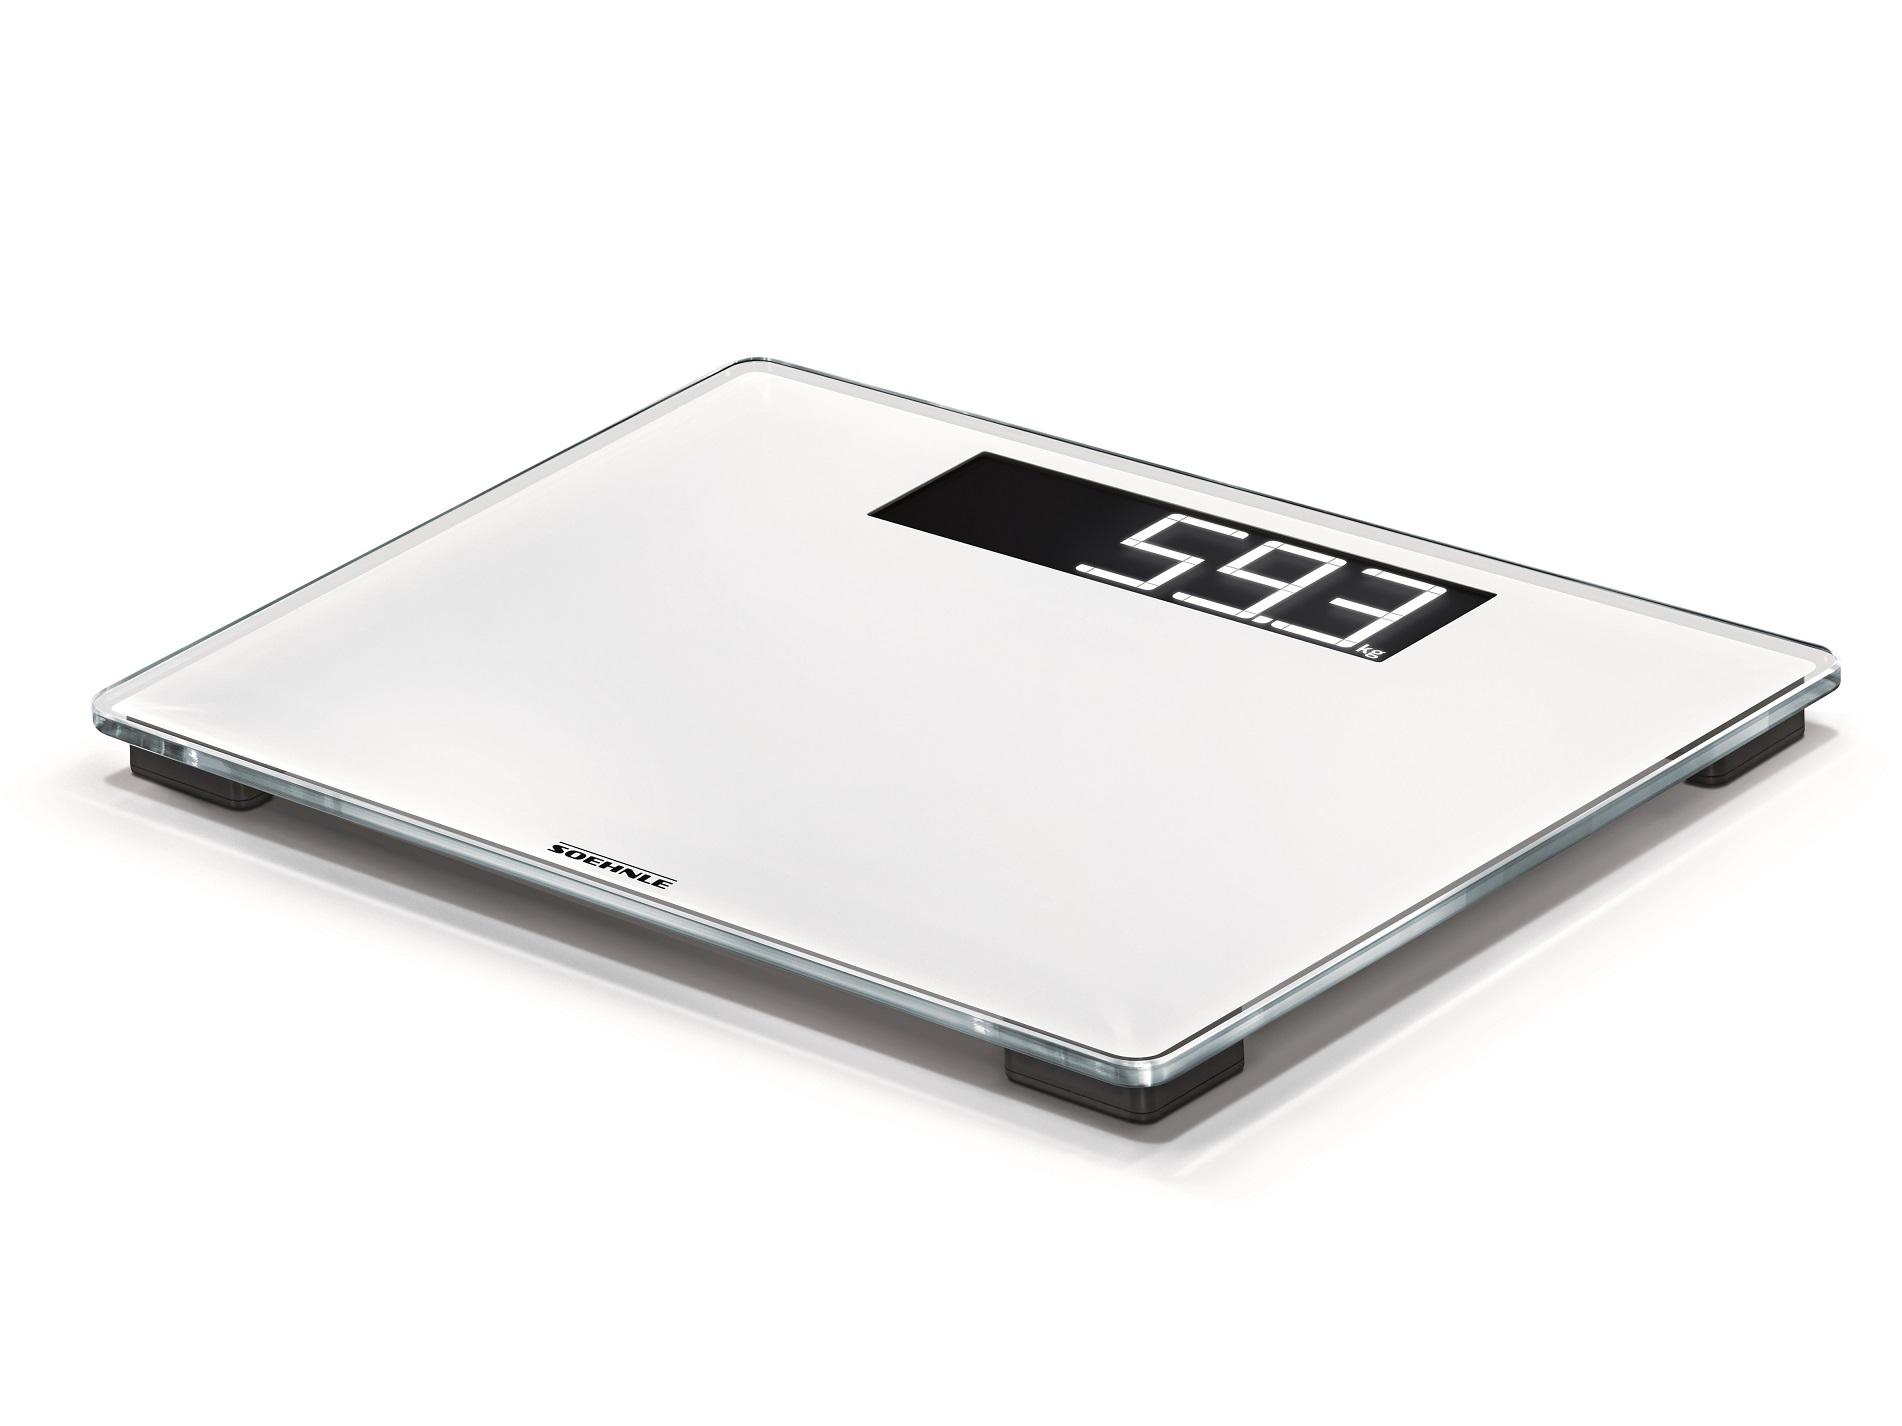 Soehnle Style Sense Multi 300 osobní váha - digitální SOEHNLE 63865